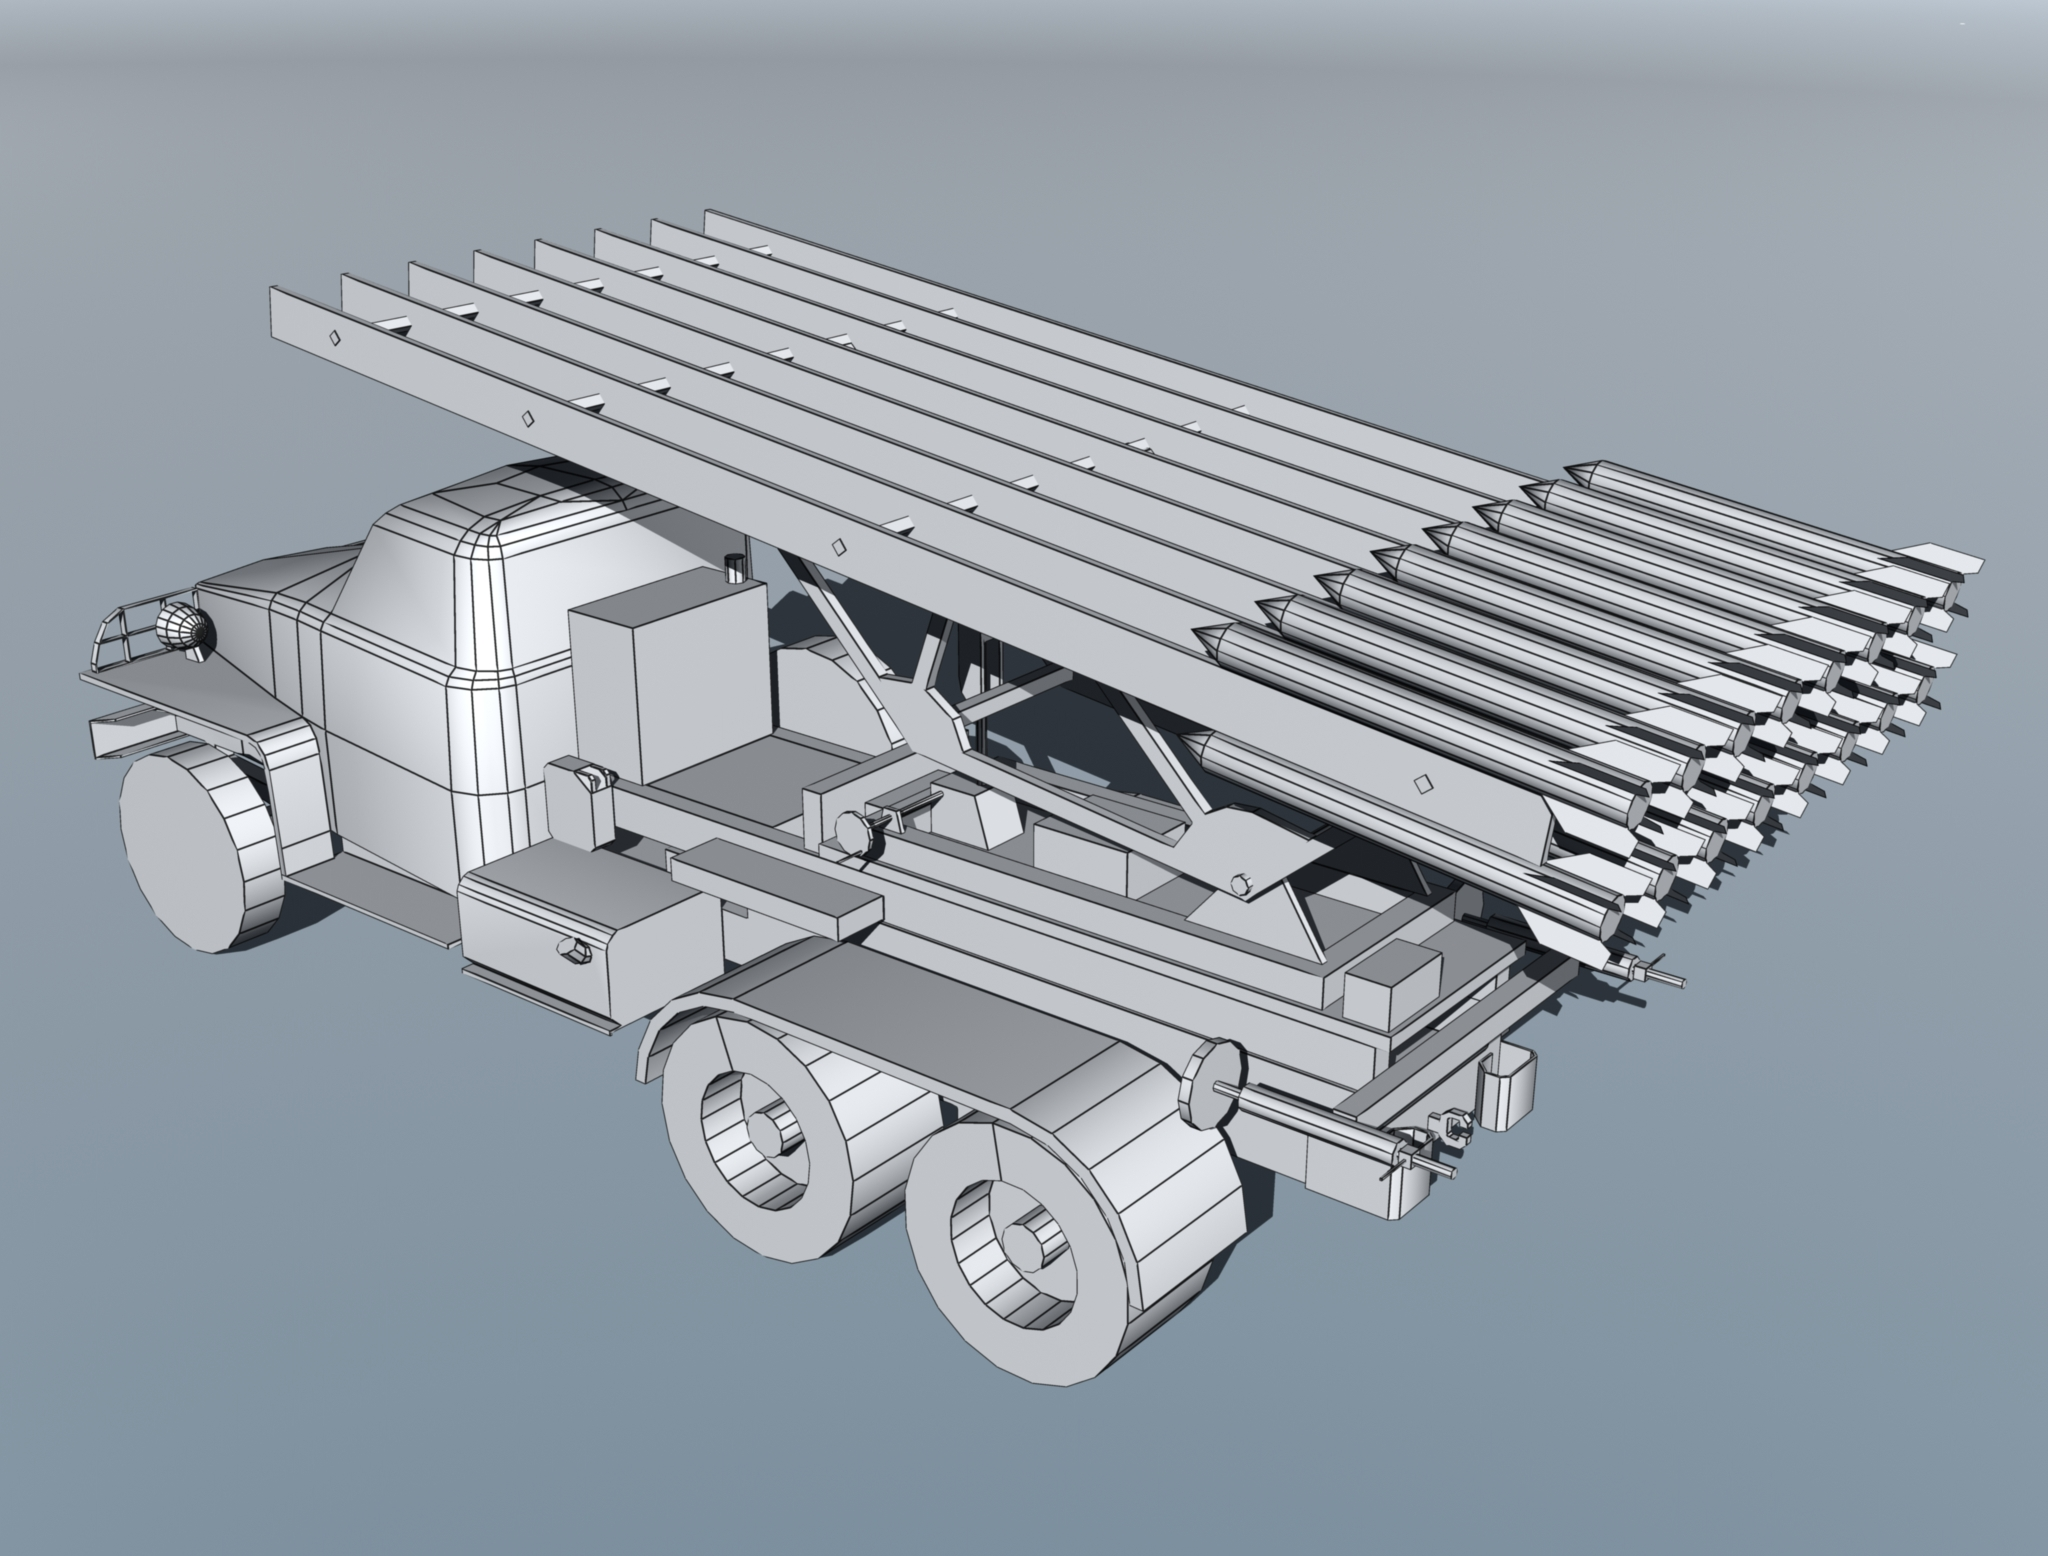 bm-13 – installation rocket artillery 'katusha'. 3d model 3ds max fbx obj 213998